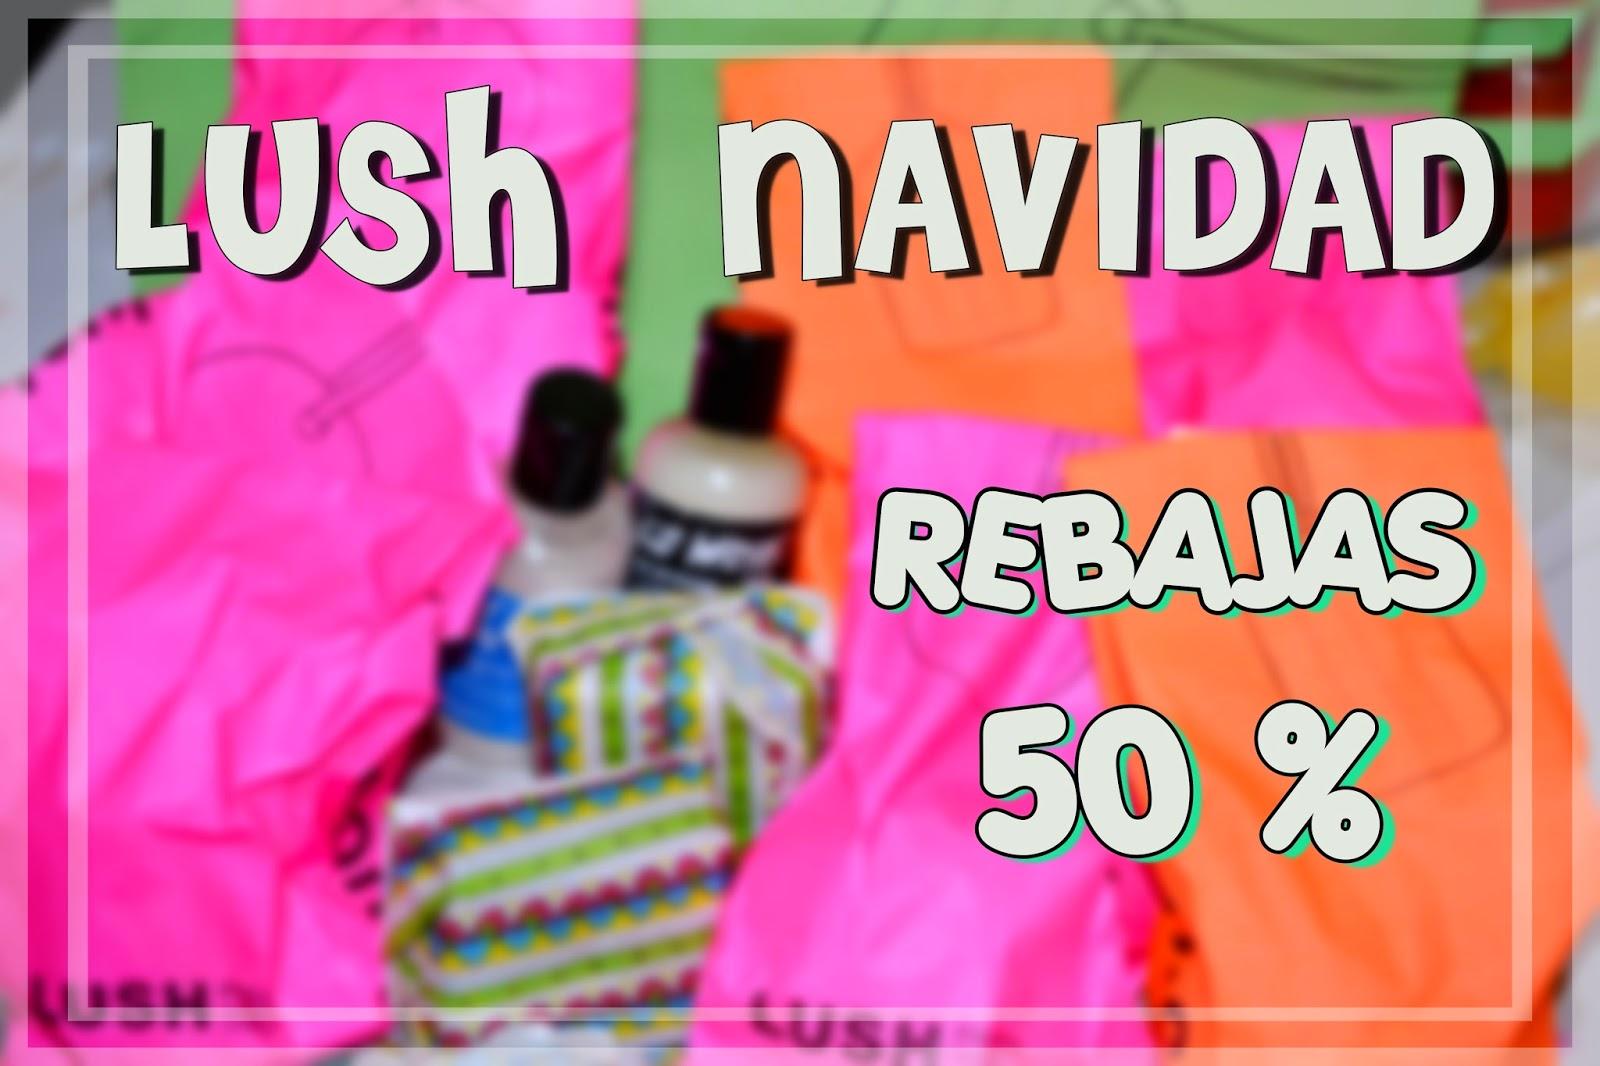 LUSH LUSHSPAIN ESPAÑA PRODUCTOS REBAJA REBAJAS 50 50% NAVIDAD 2014 CHRISTMAS